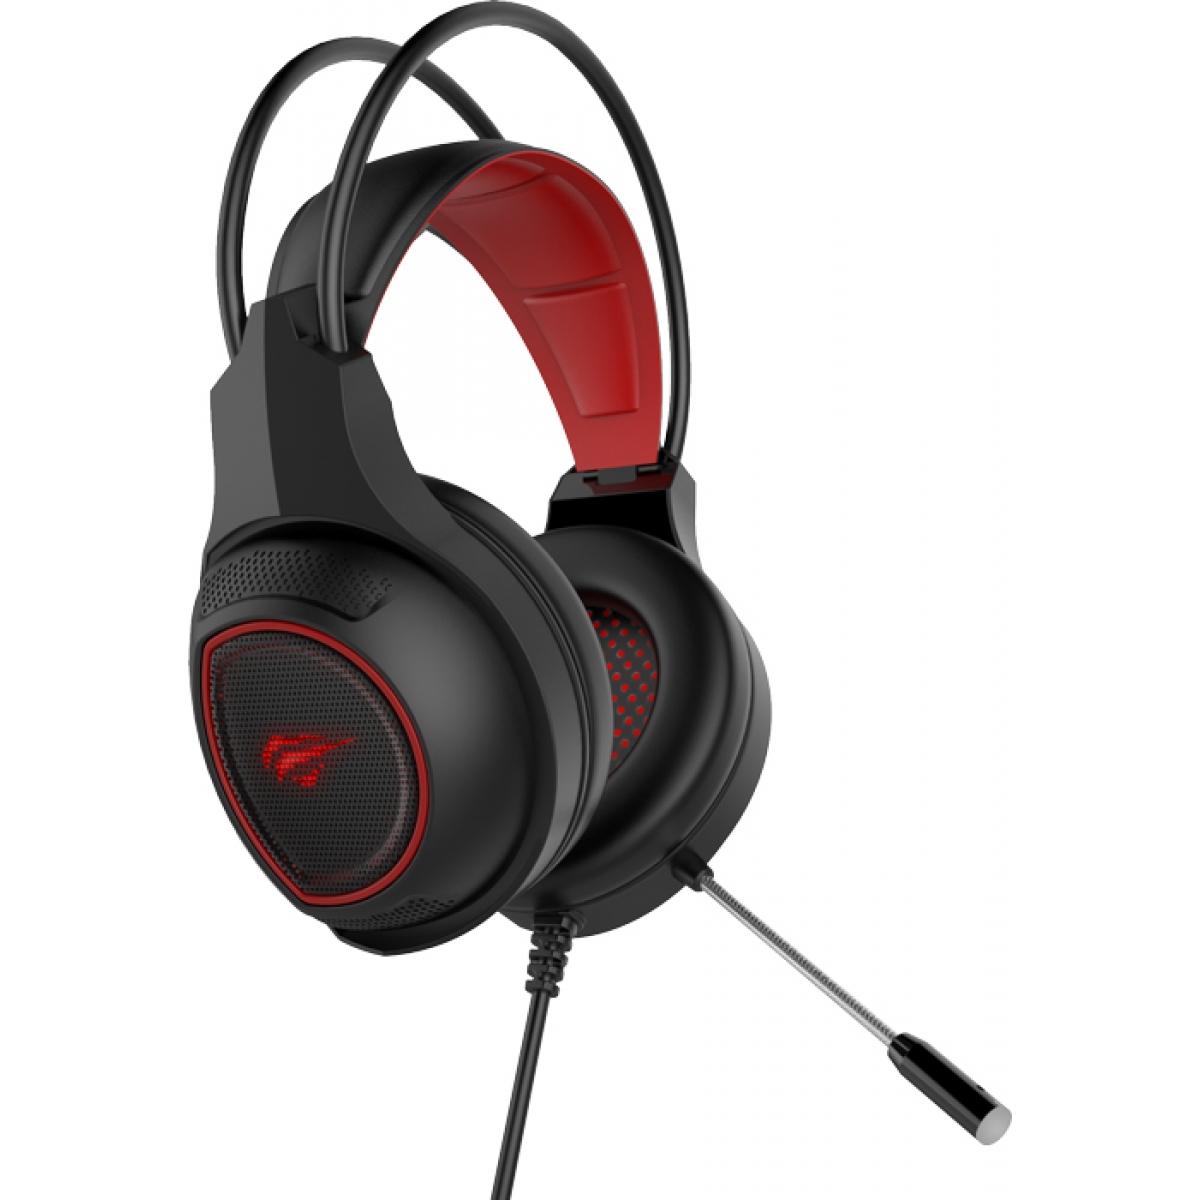 Headset Gamer Havit HV-H2239D Preto/Vermelho